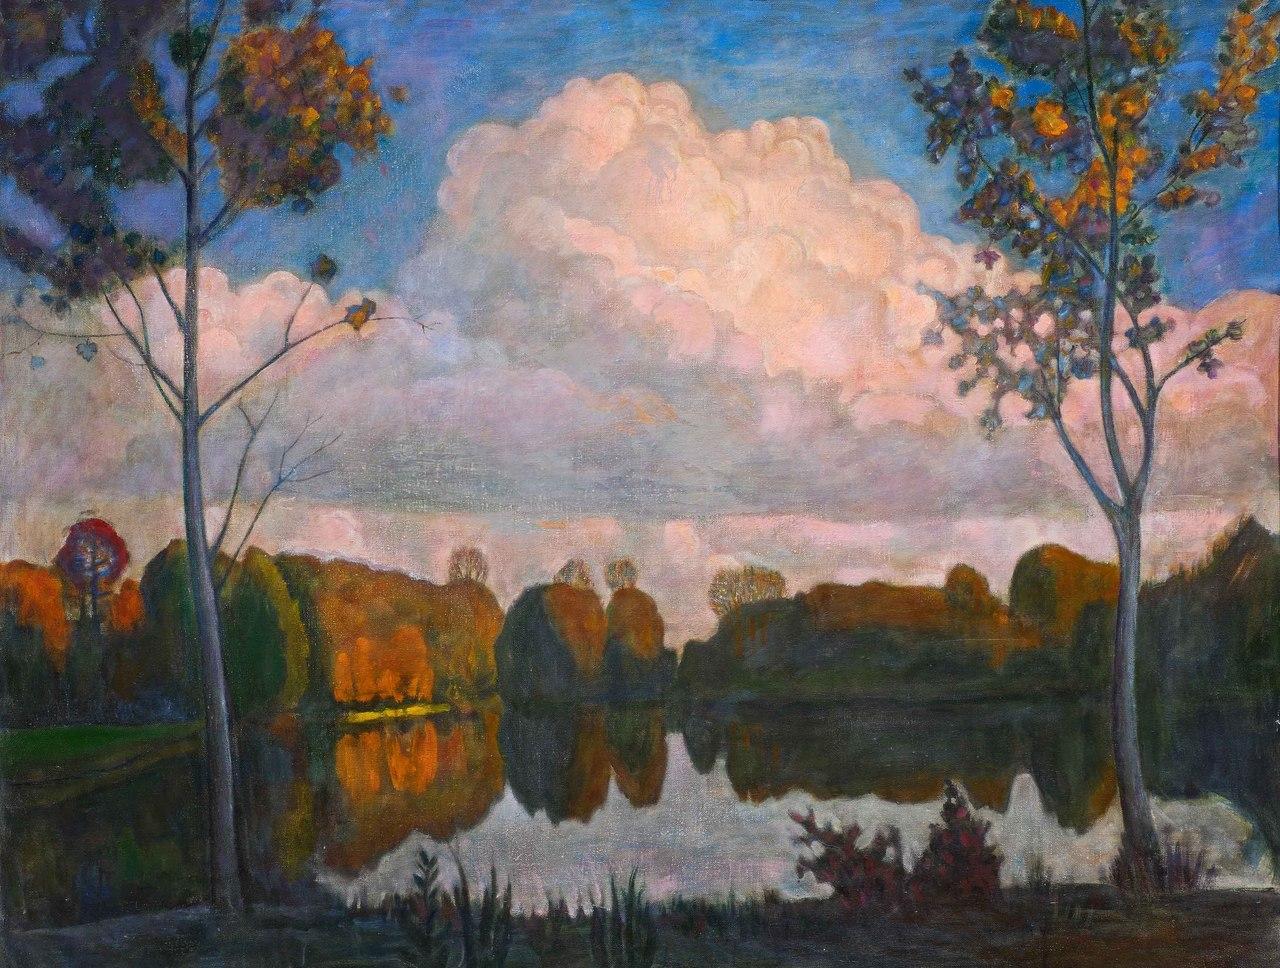 Landscape with a cloud